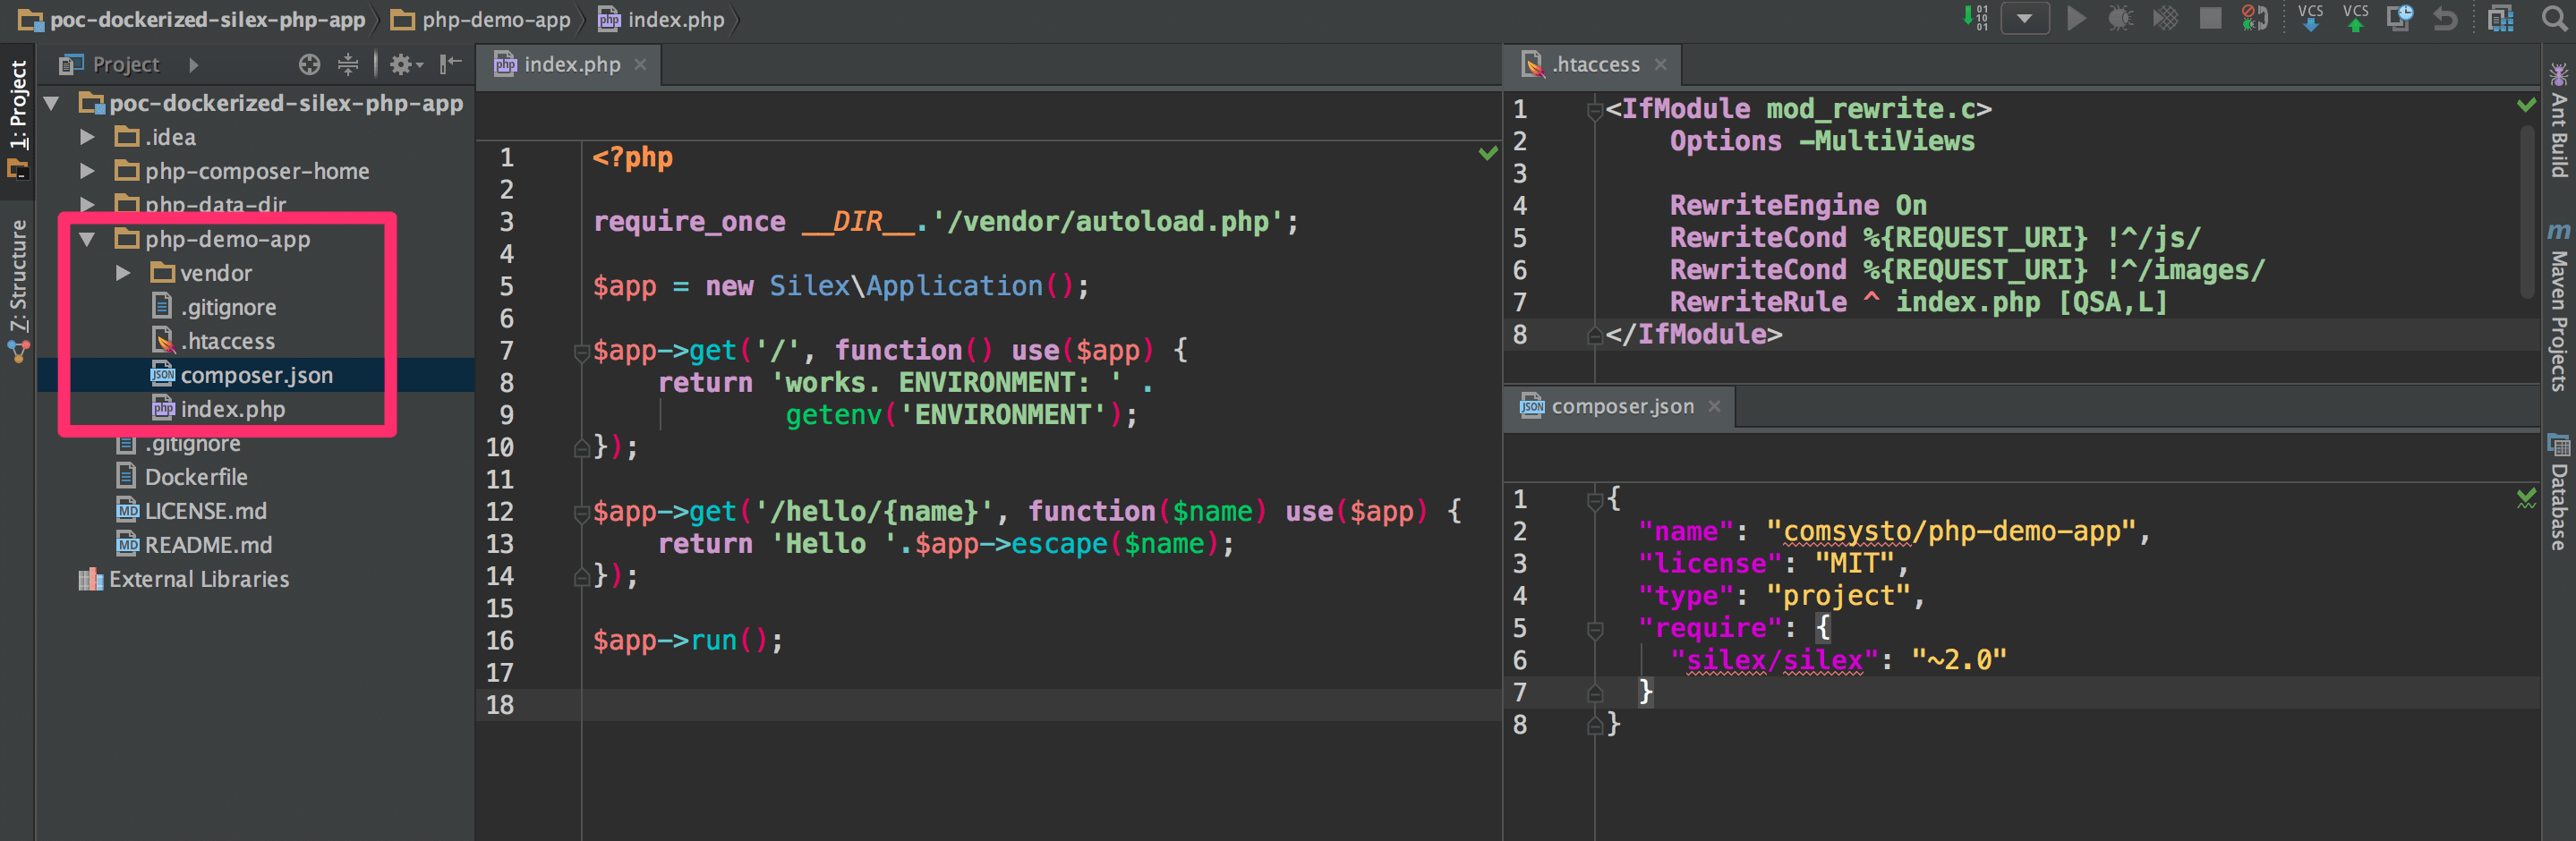 Dateien der PHP Demo Applikation